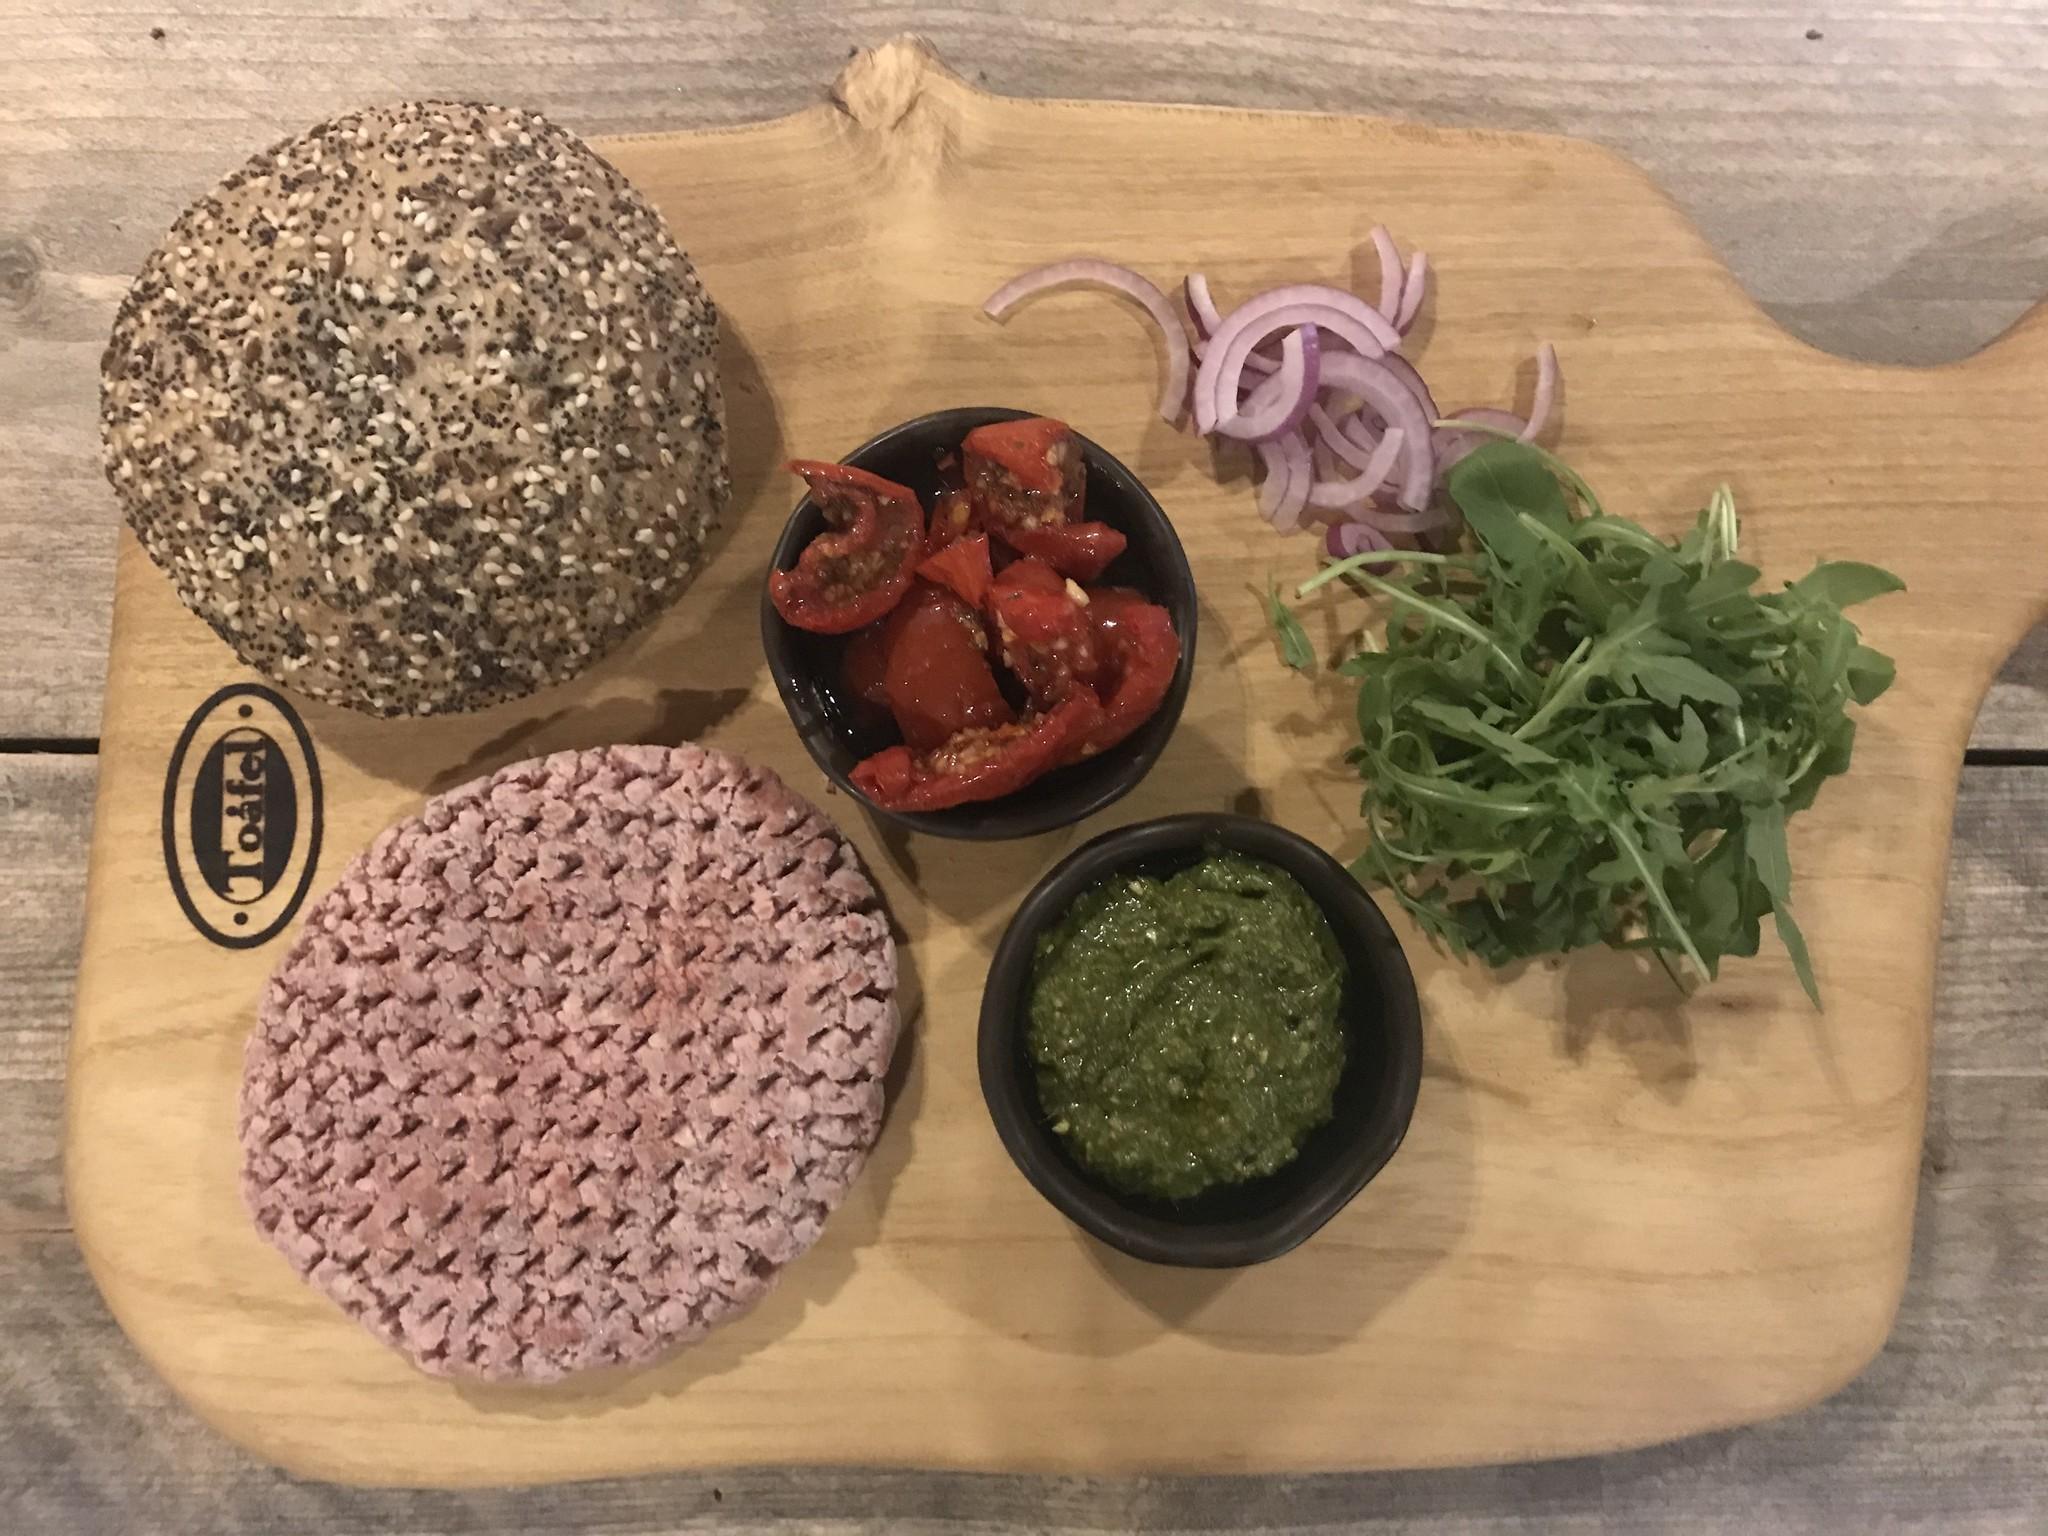 Rocco Granata burger